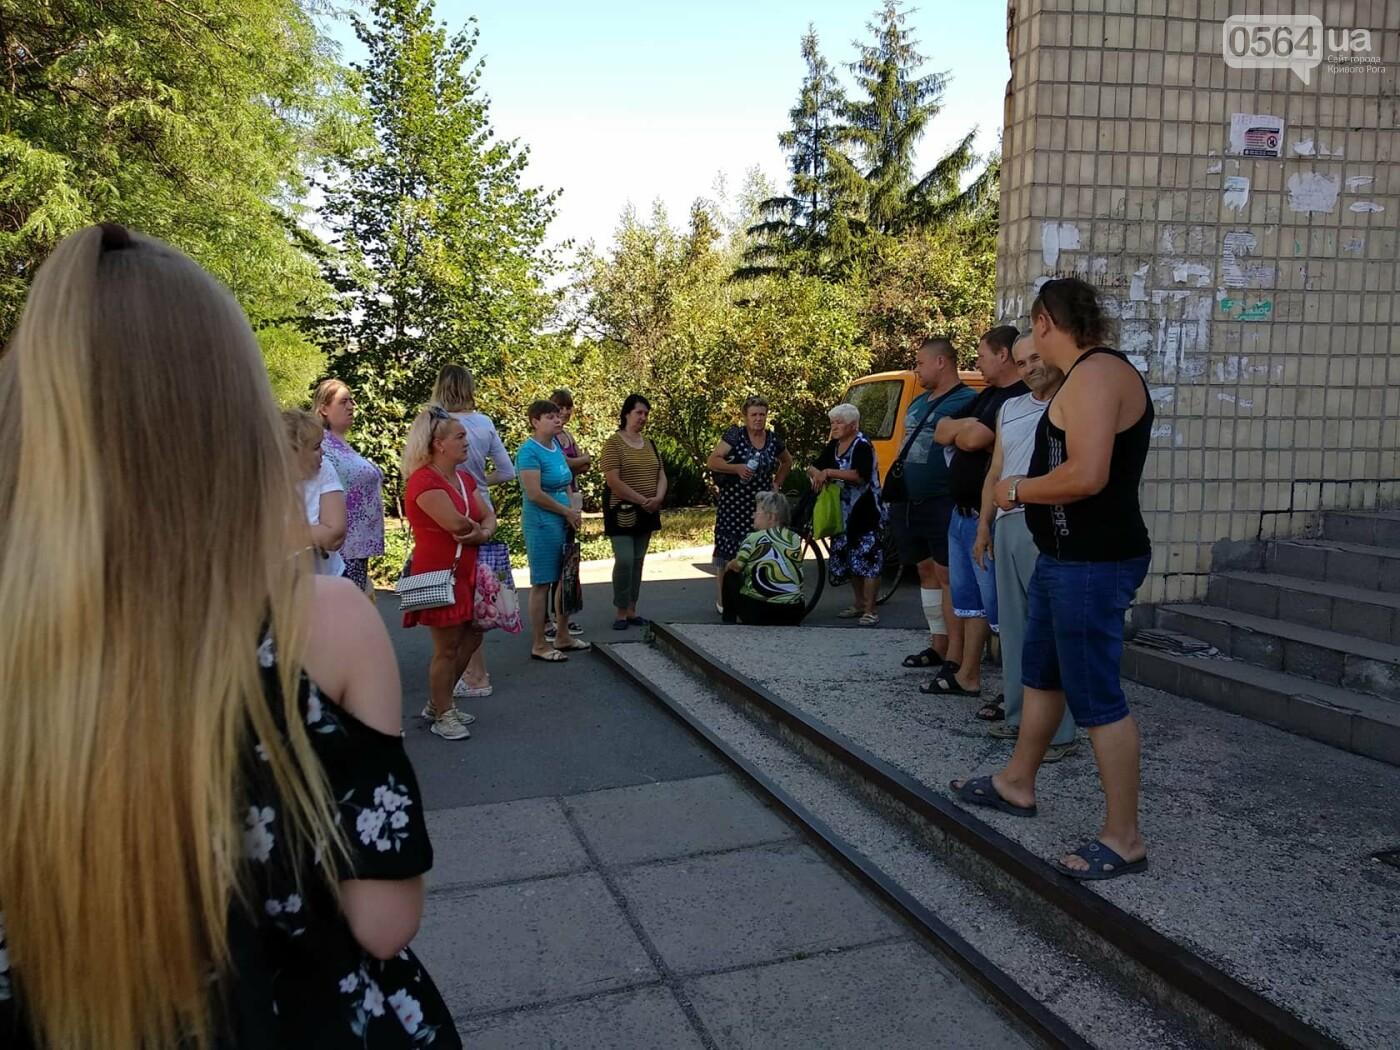 Под Кривым Рогом люди вышли на митинг за воду, - ФОТО, ВИДЕО, фото-3